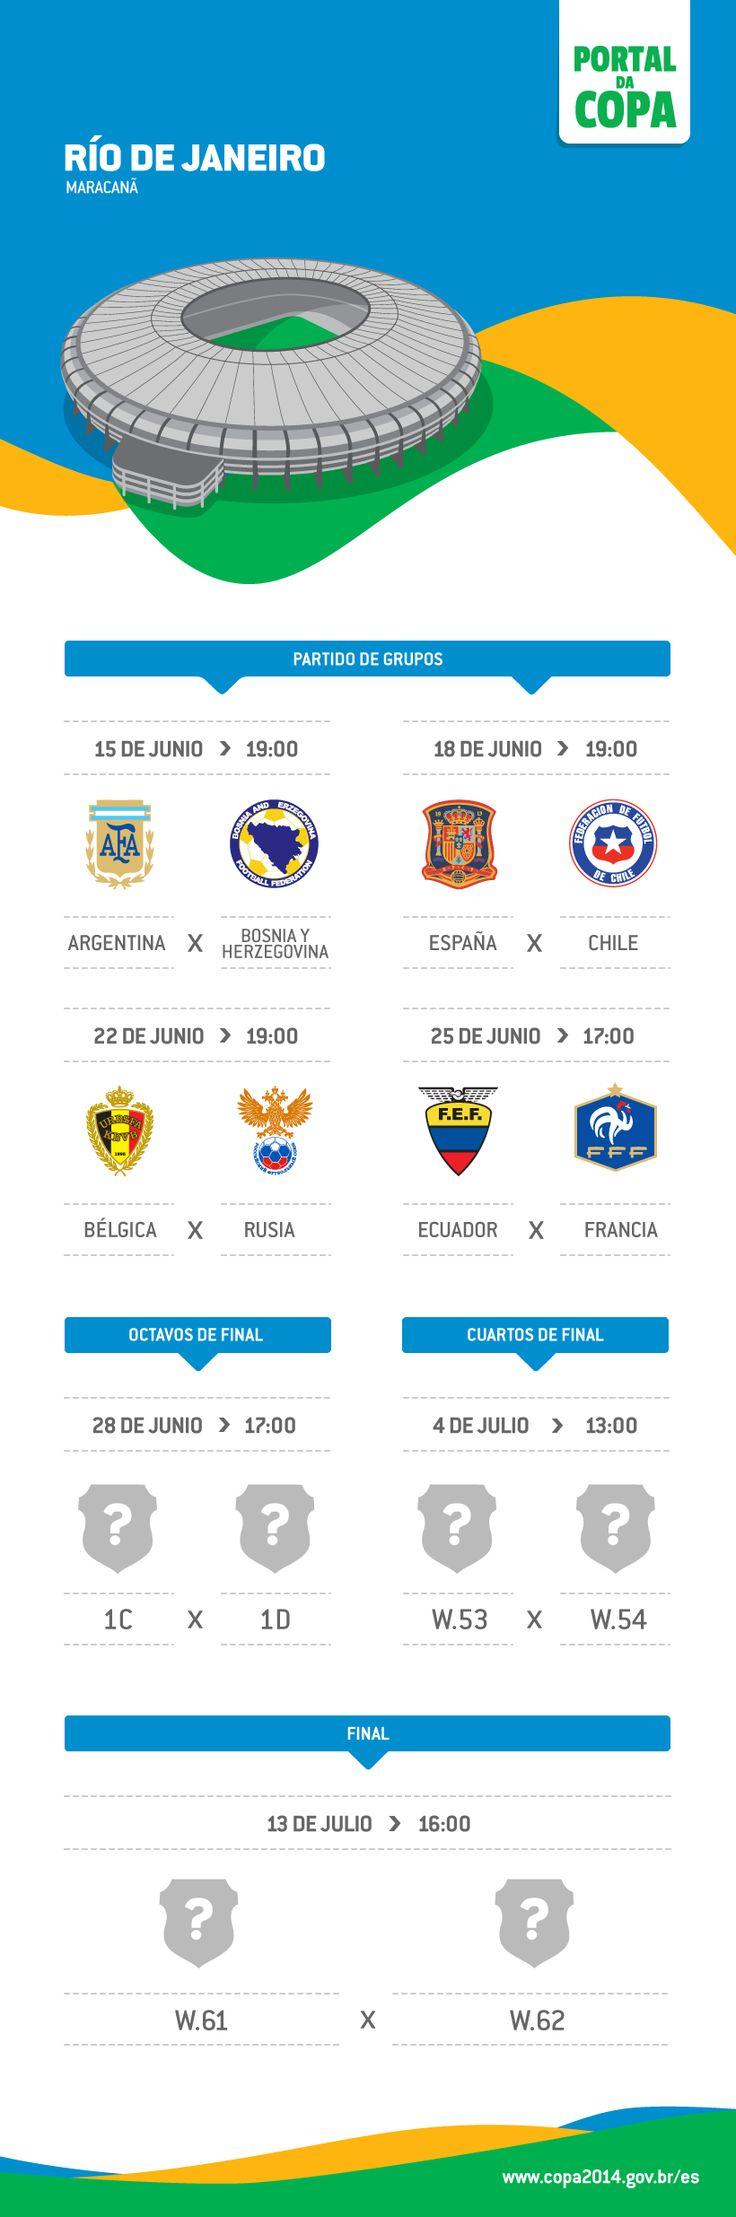 Maracanã | Sitio del Gobierno Brasileño sobre la Copa Mundial 2014